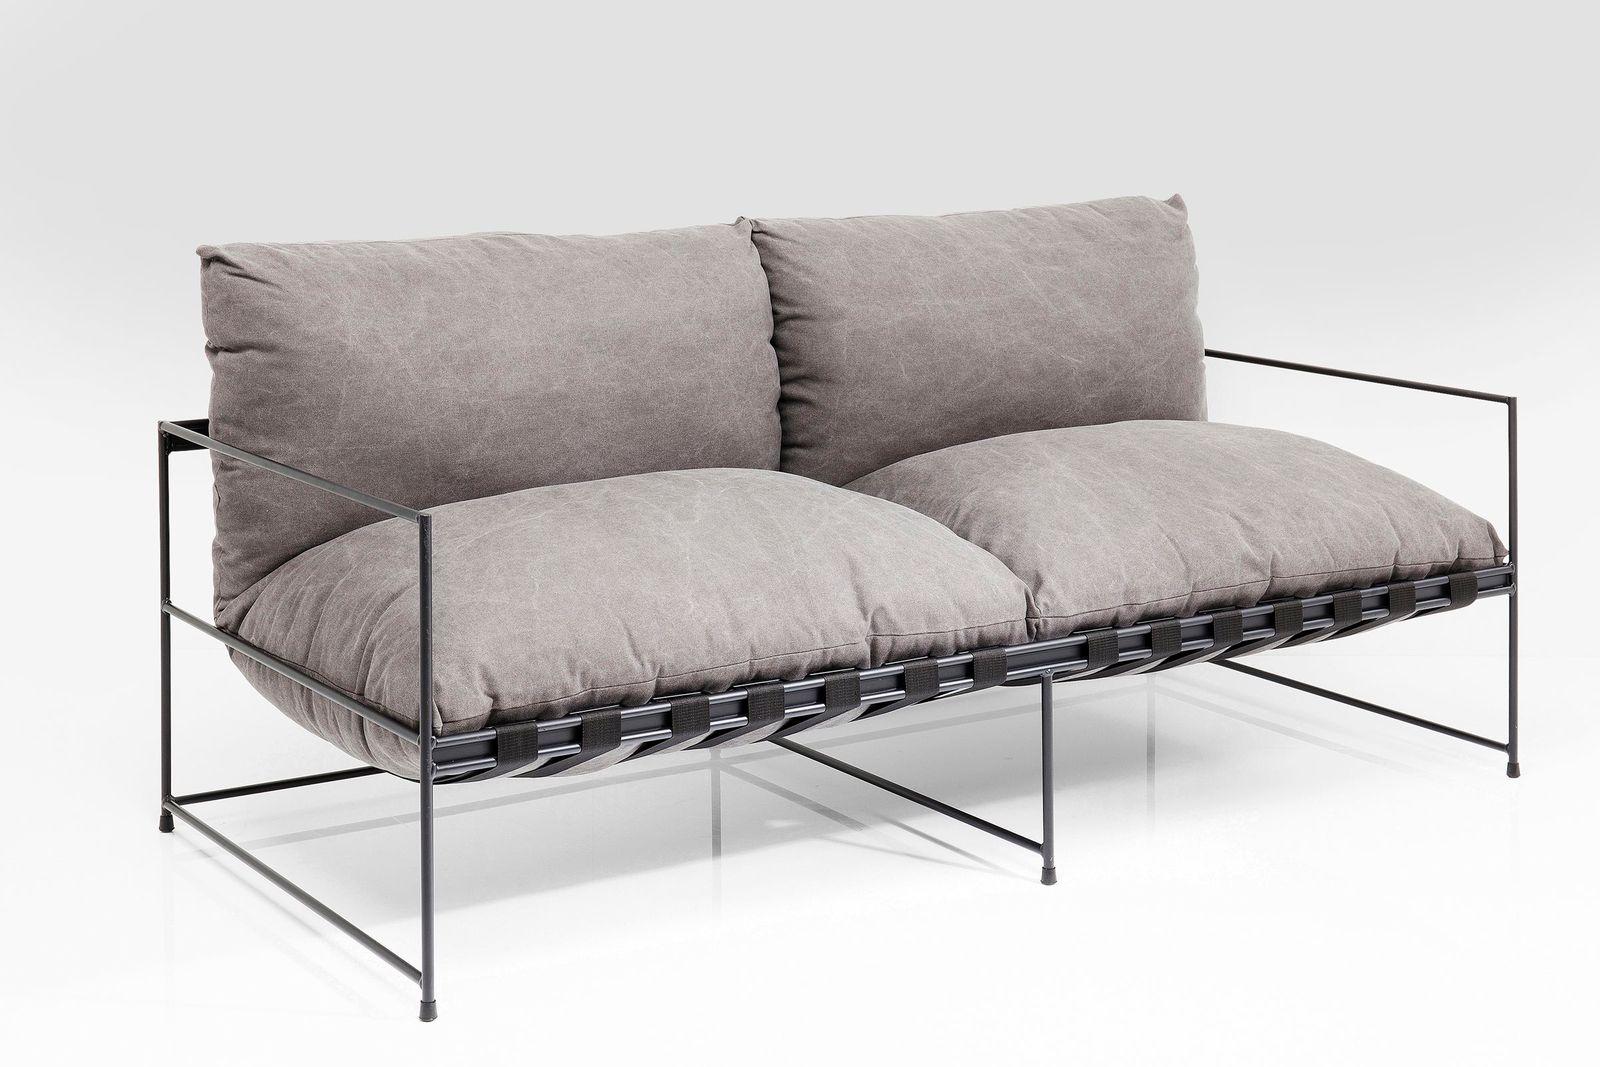 Full Size of Kare Sofa Samt Infinity Gianni Design Couch Sale Bed Furniture List Landhausstil Federkern Kunstleder Chesterfield Günstig Karup Rattan Garten Lagerverkauf Sofa Kare Sofa